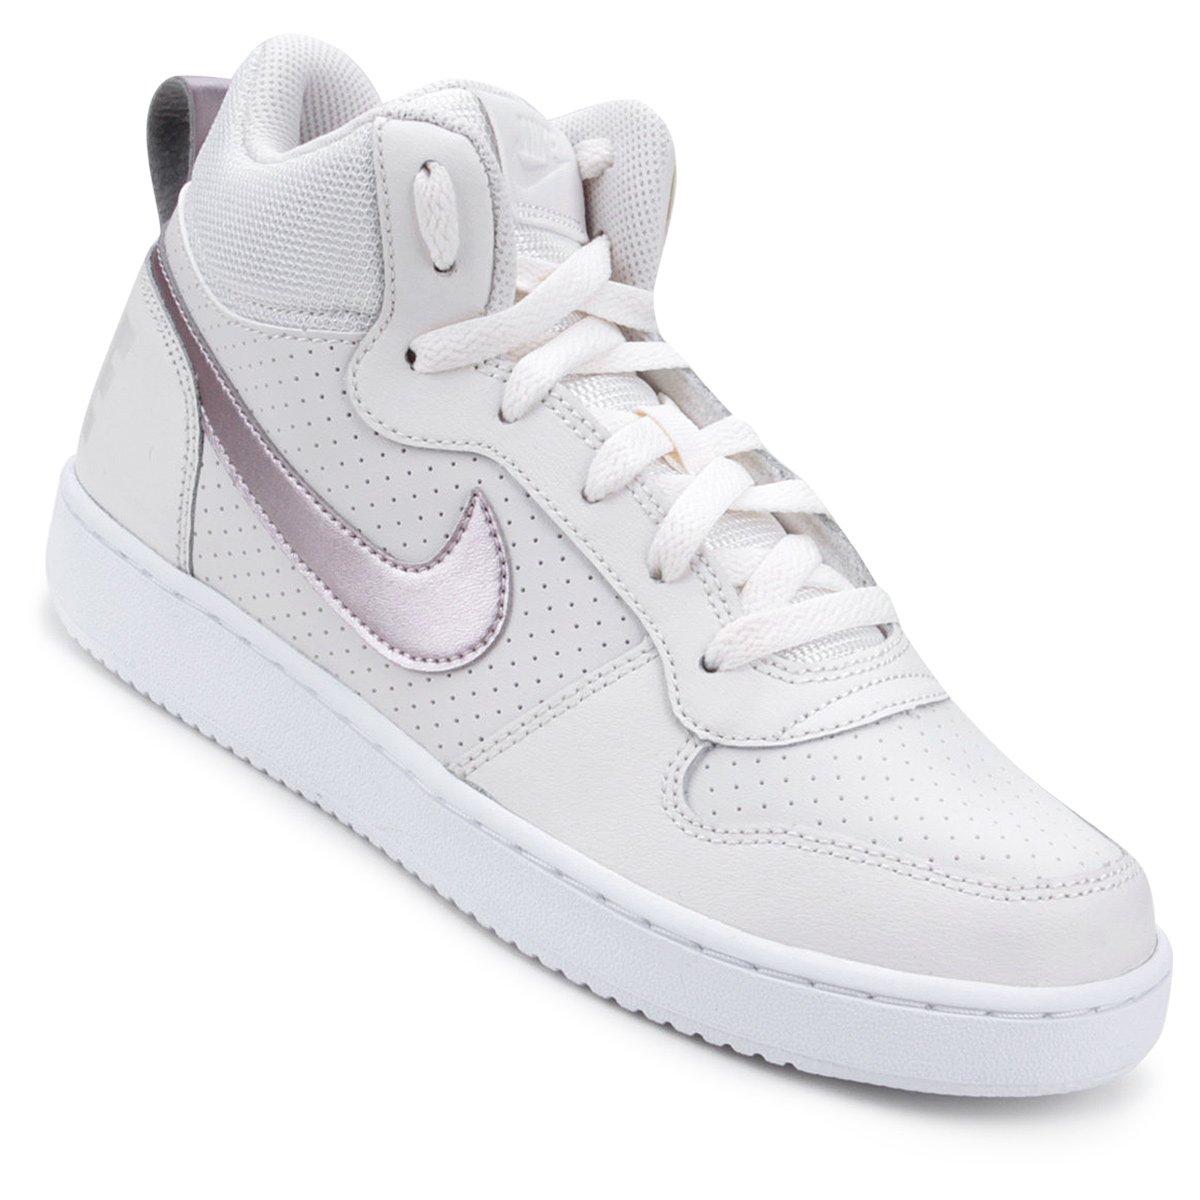 b38d75f5d6 Tênis Couro Nike Court Borough Mid - Compre Agora